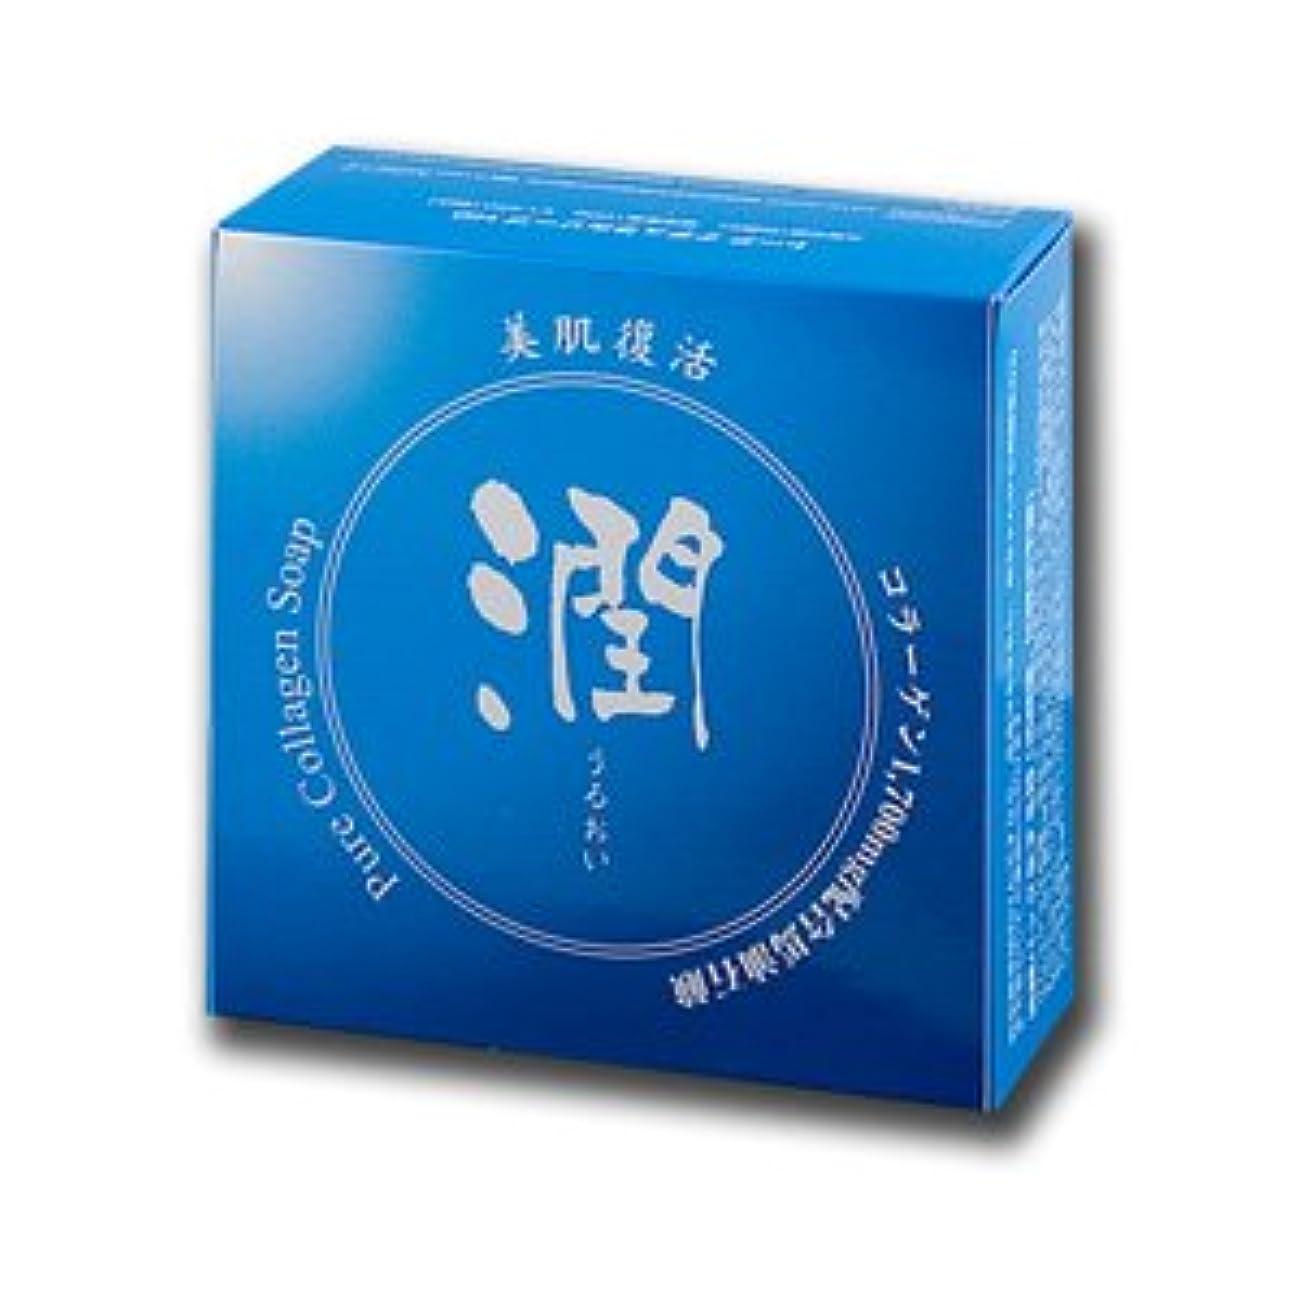 皮現実的後方コラーゲン馬油石鹸 潤 100g (#800410) ×3個セット